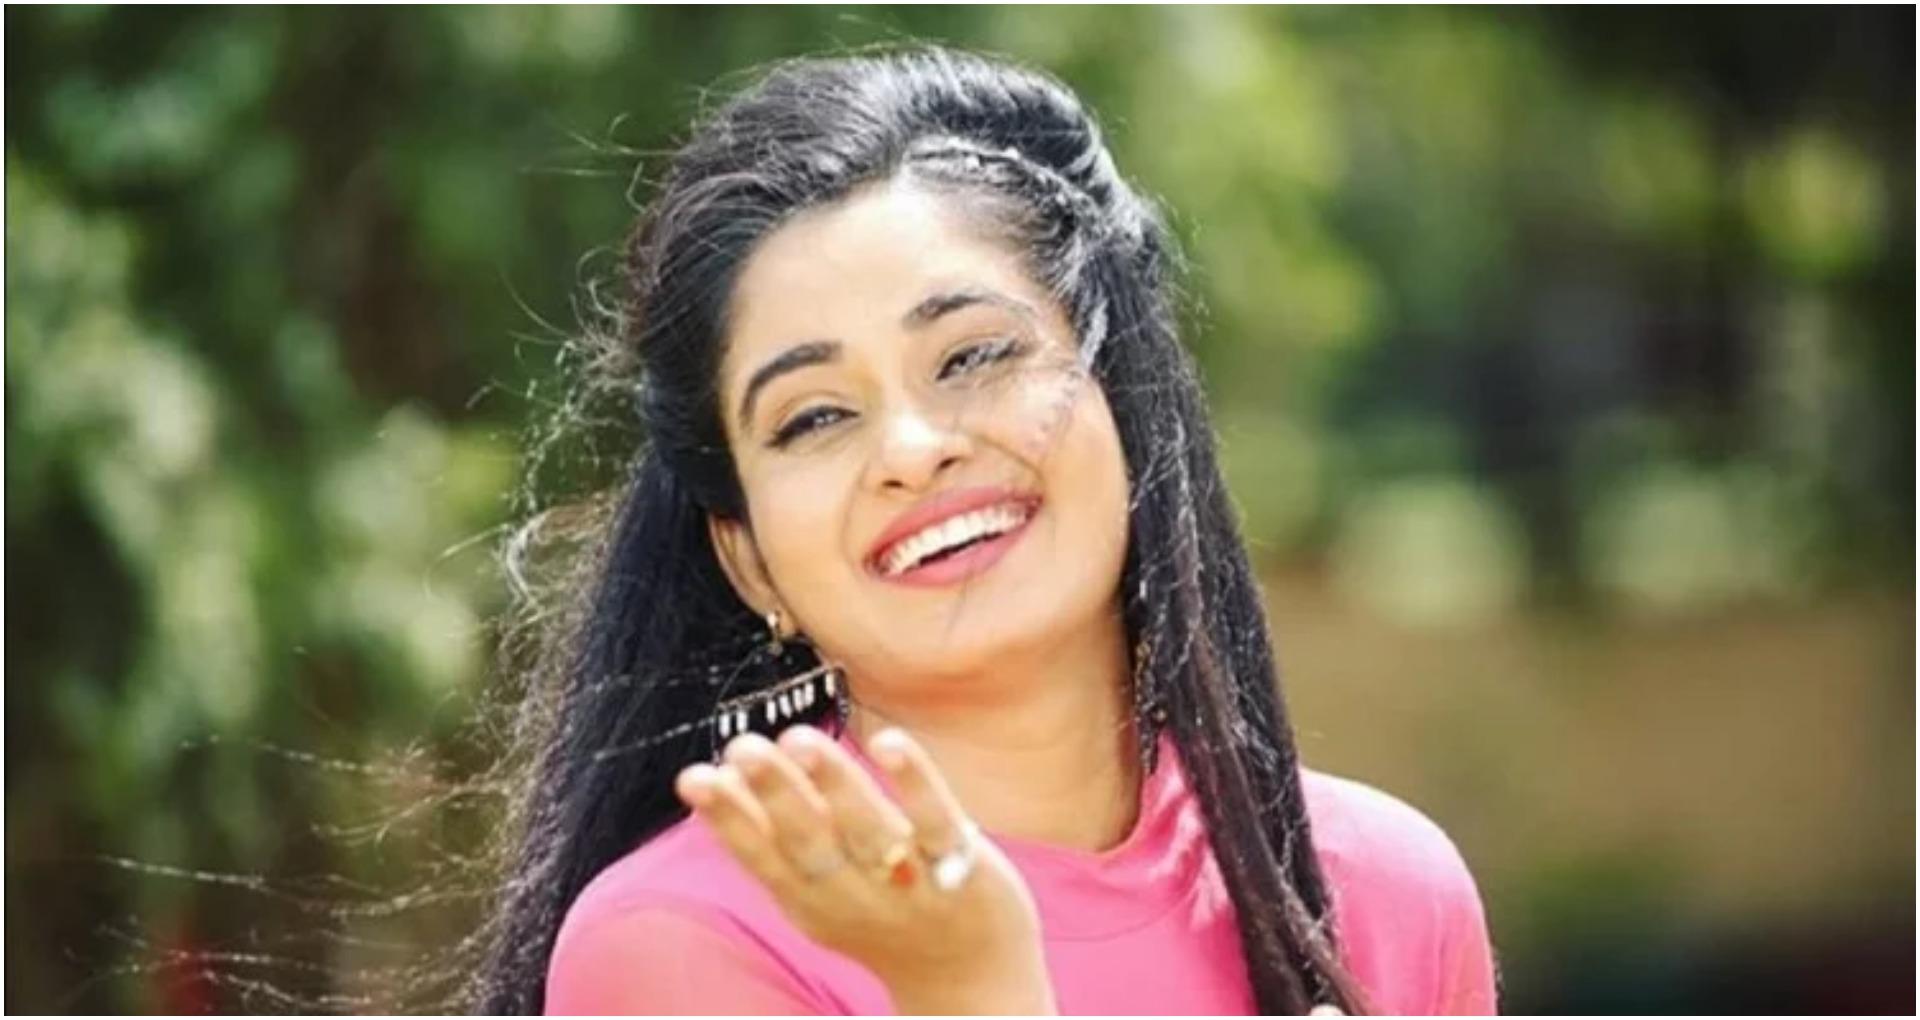 EXCLUSIVE: ऋतू सिंह पर हमले के आरोपी पंकज यादव की कोर्ट में पेशी, डरी हुई हैं फेयर लवली गर्ल